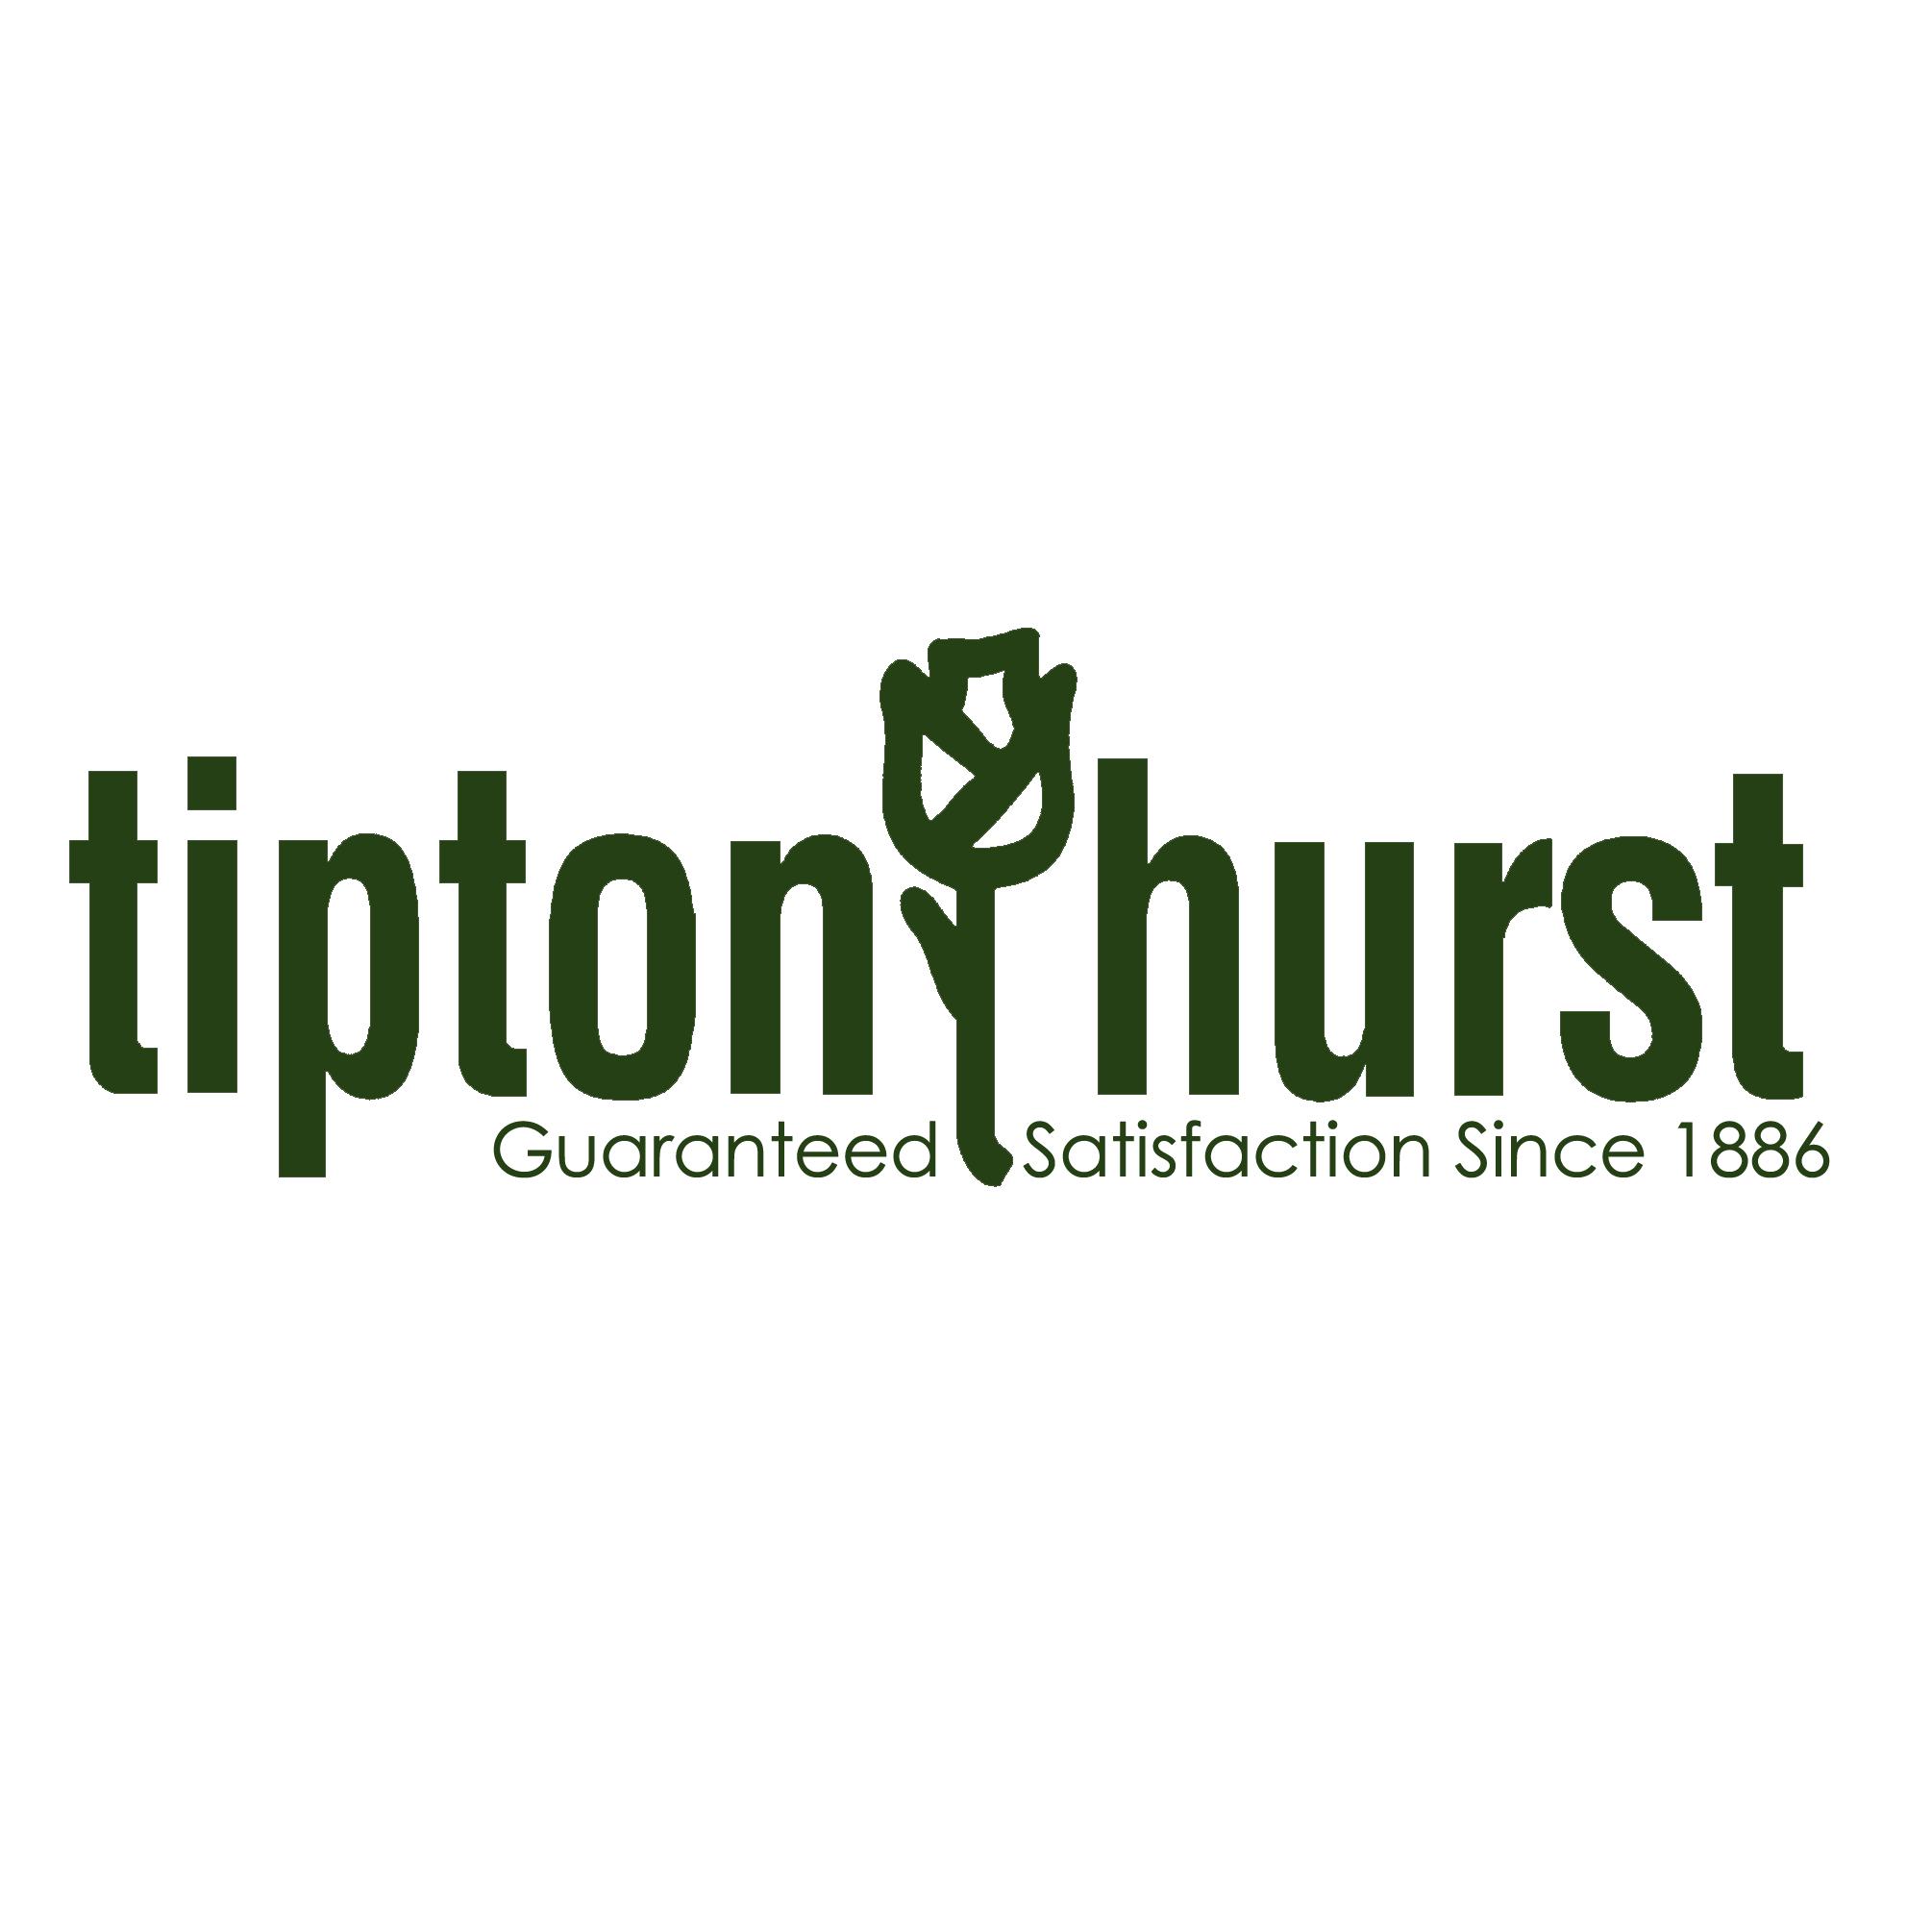 Tipton Hurst